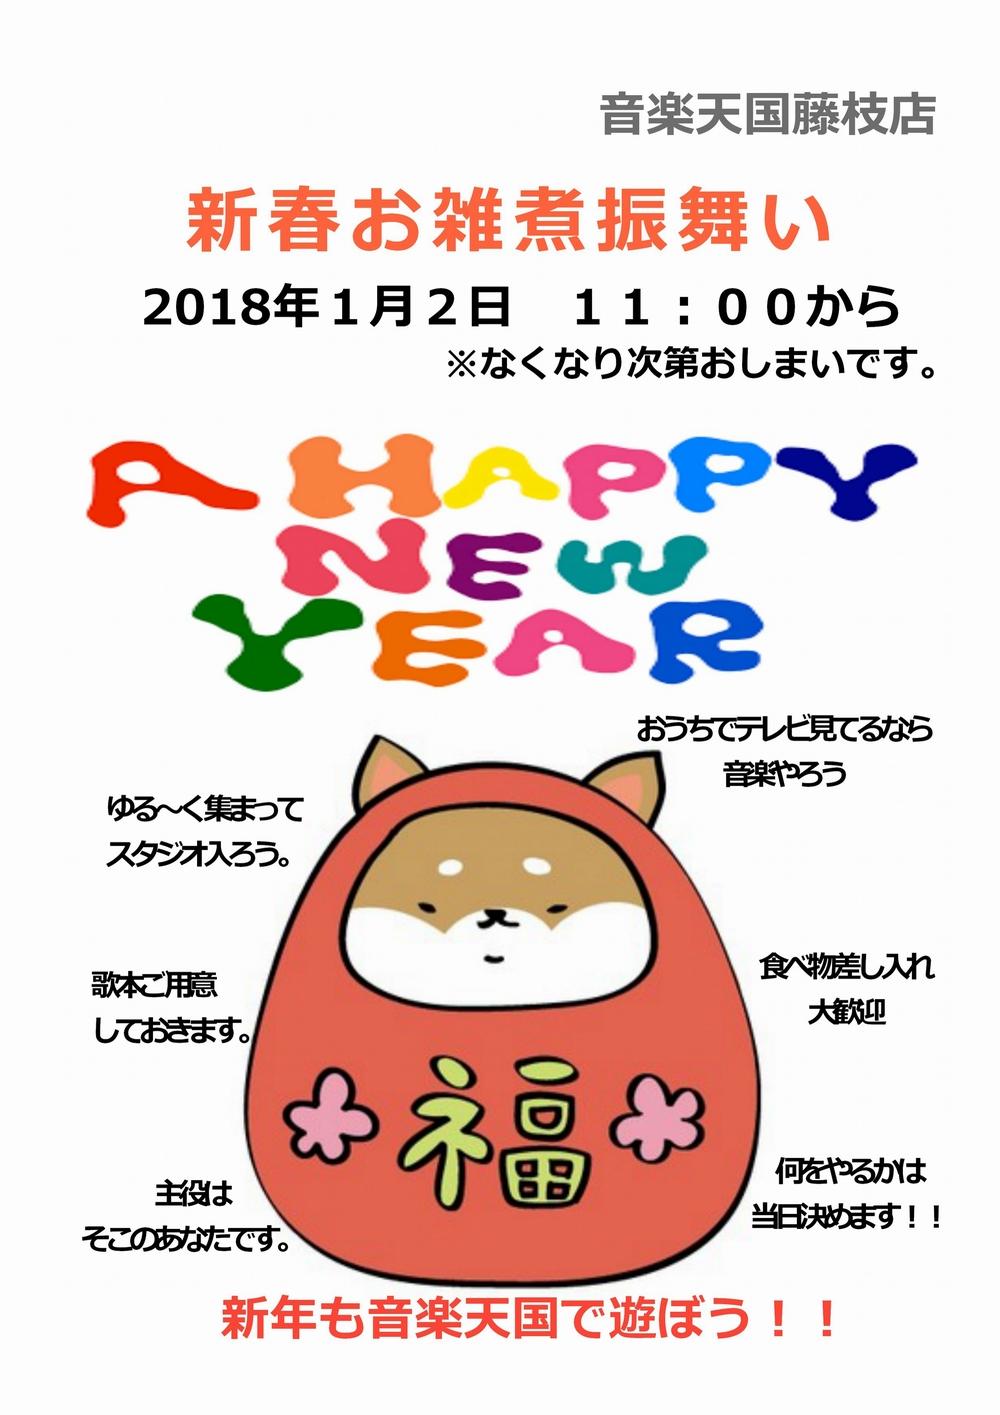 【新春イベント】音楽天国・藤枝店2018年1月2日(火)開催